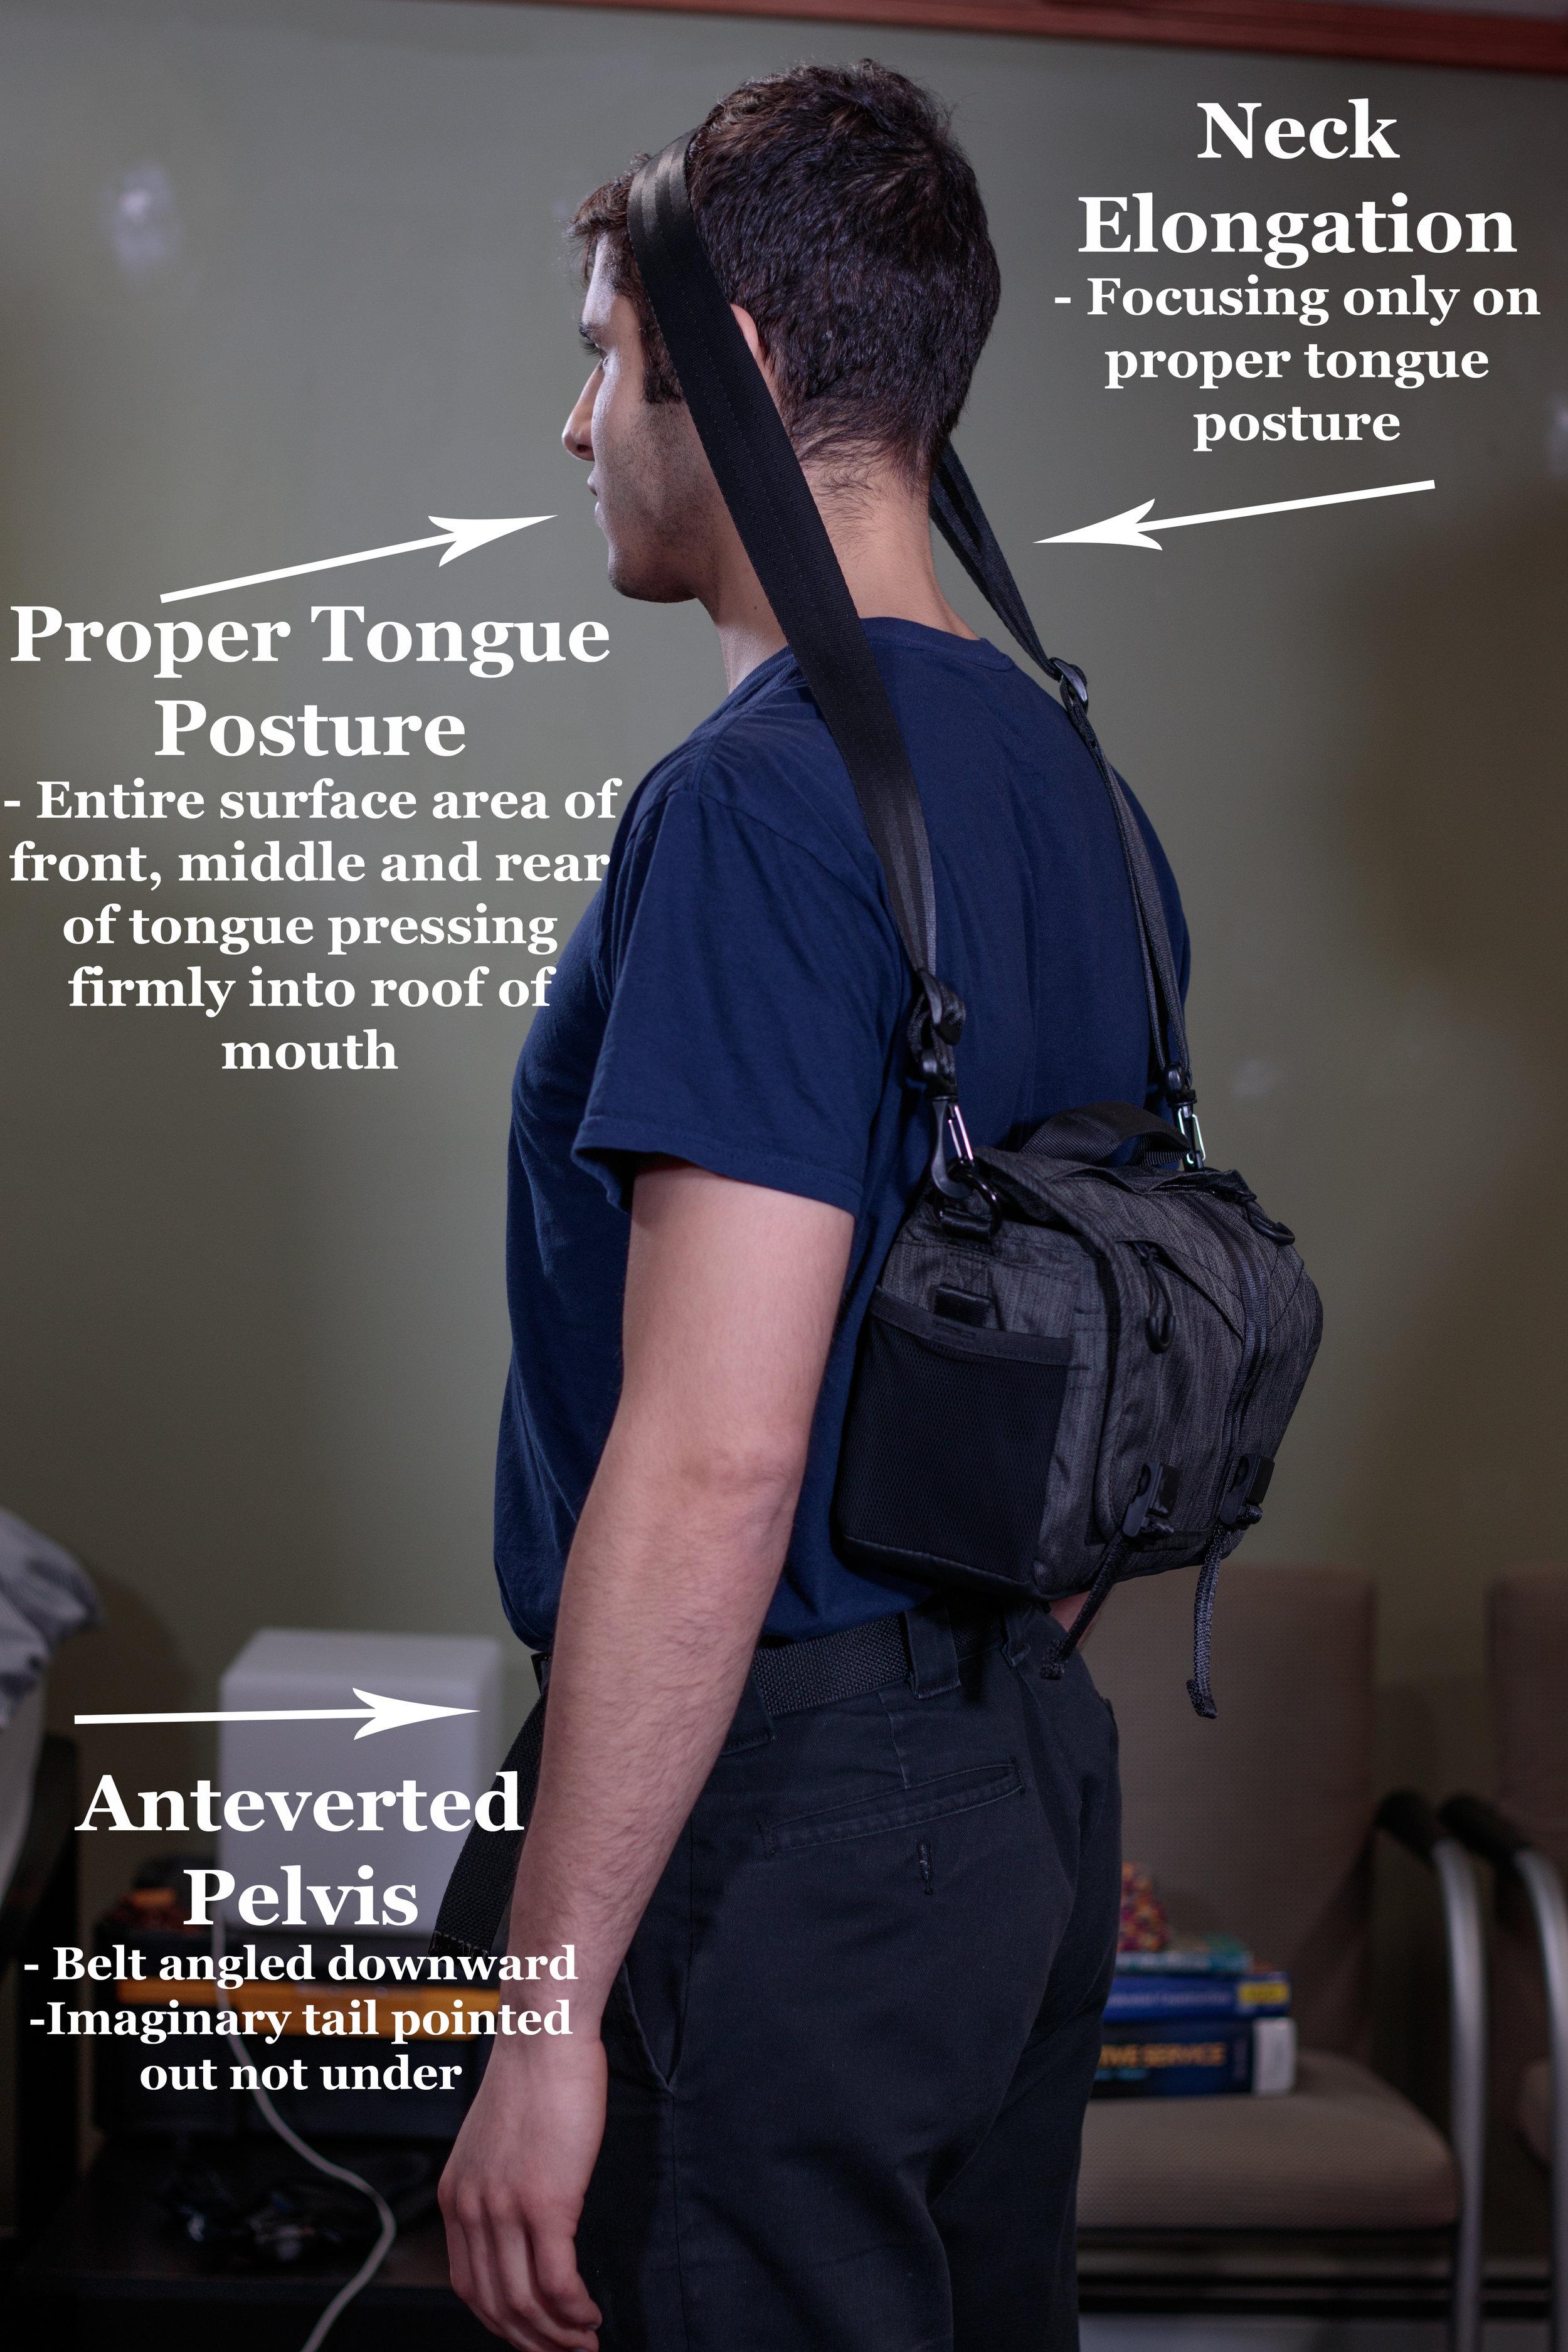 Proper Tongue Posture Rear.jpg